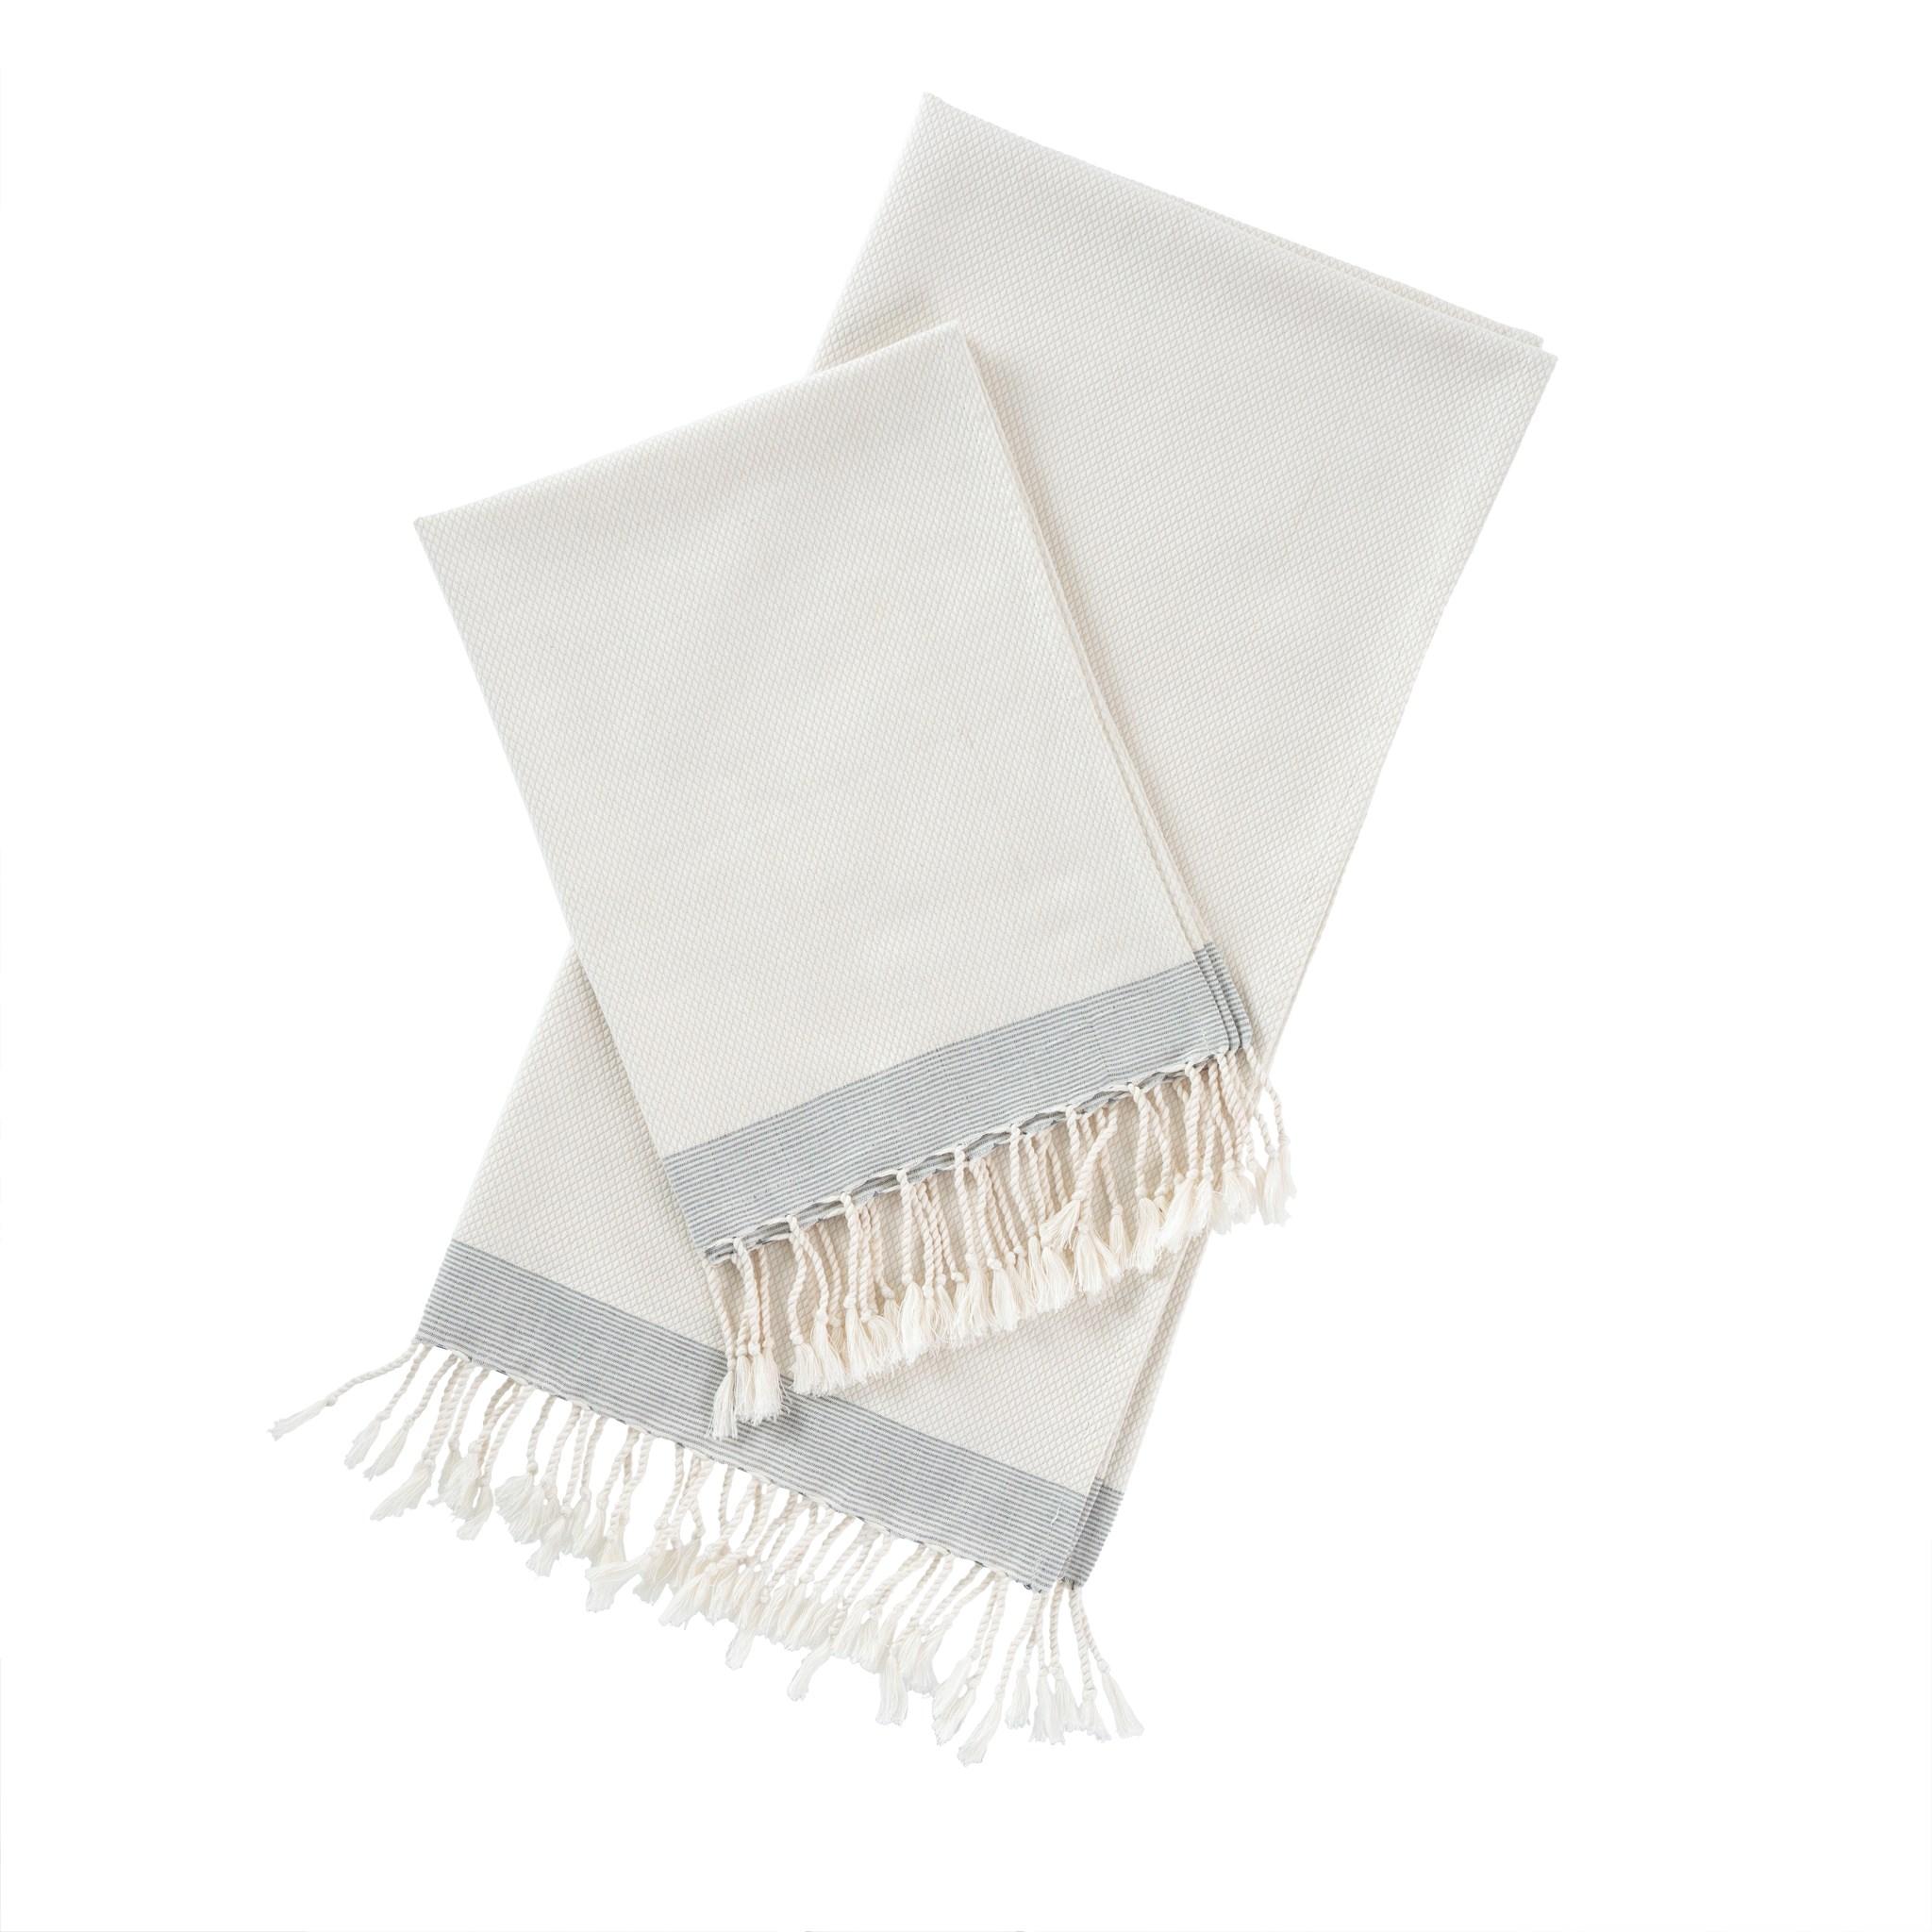 Handloom Turkish Hand Towel